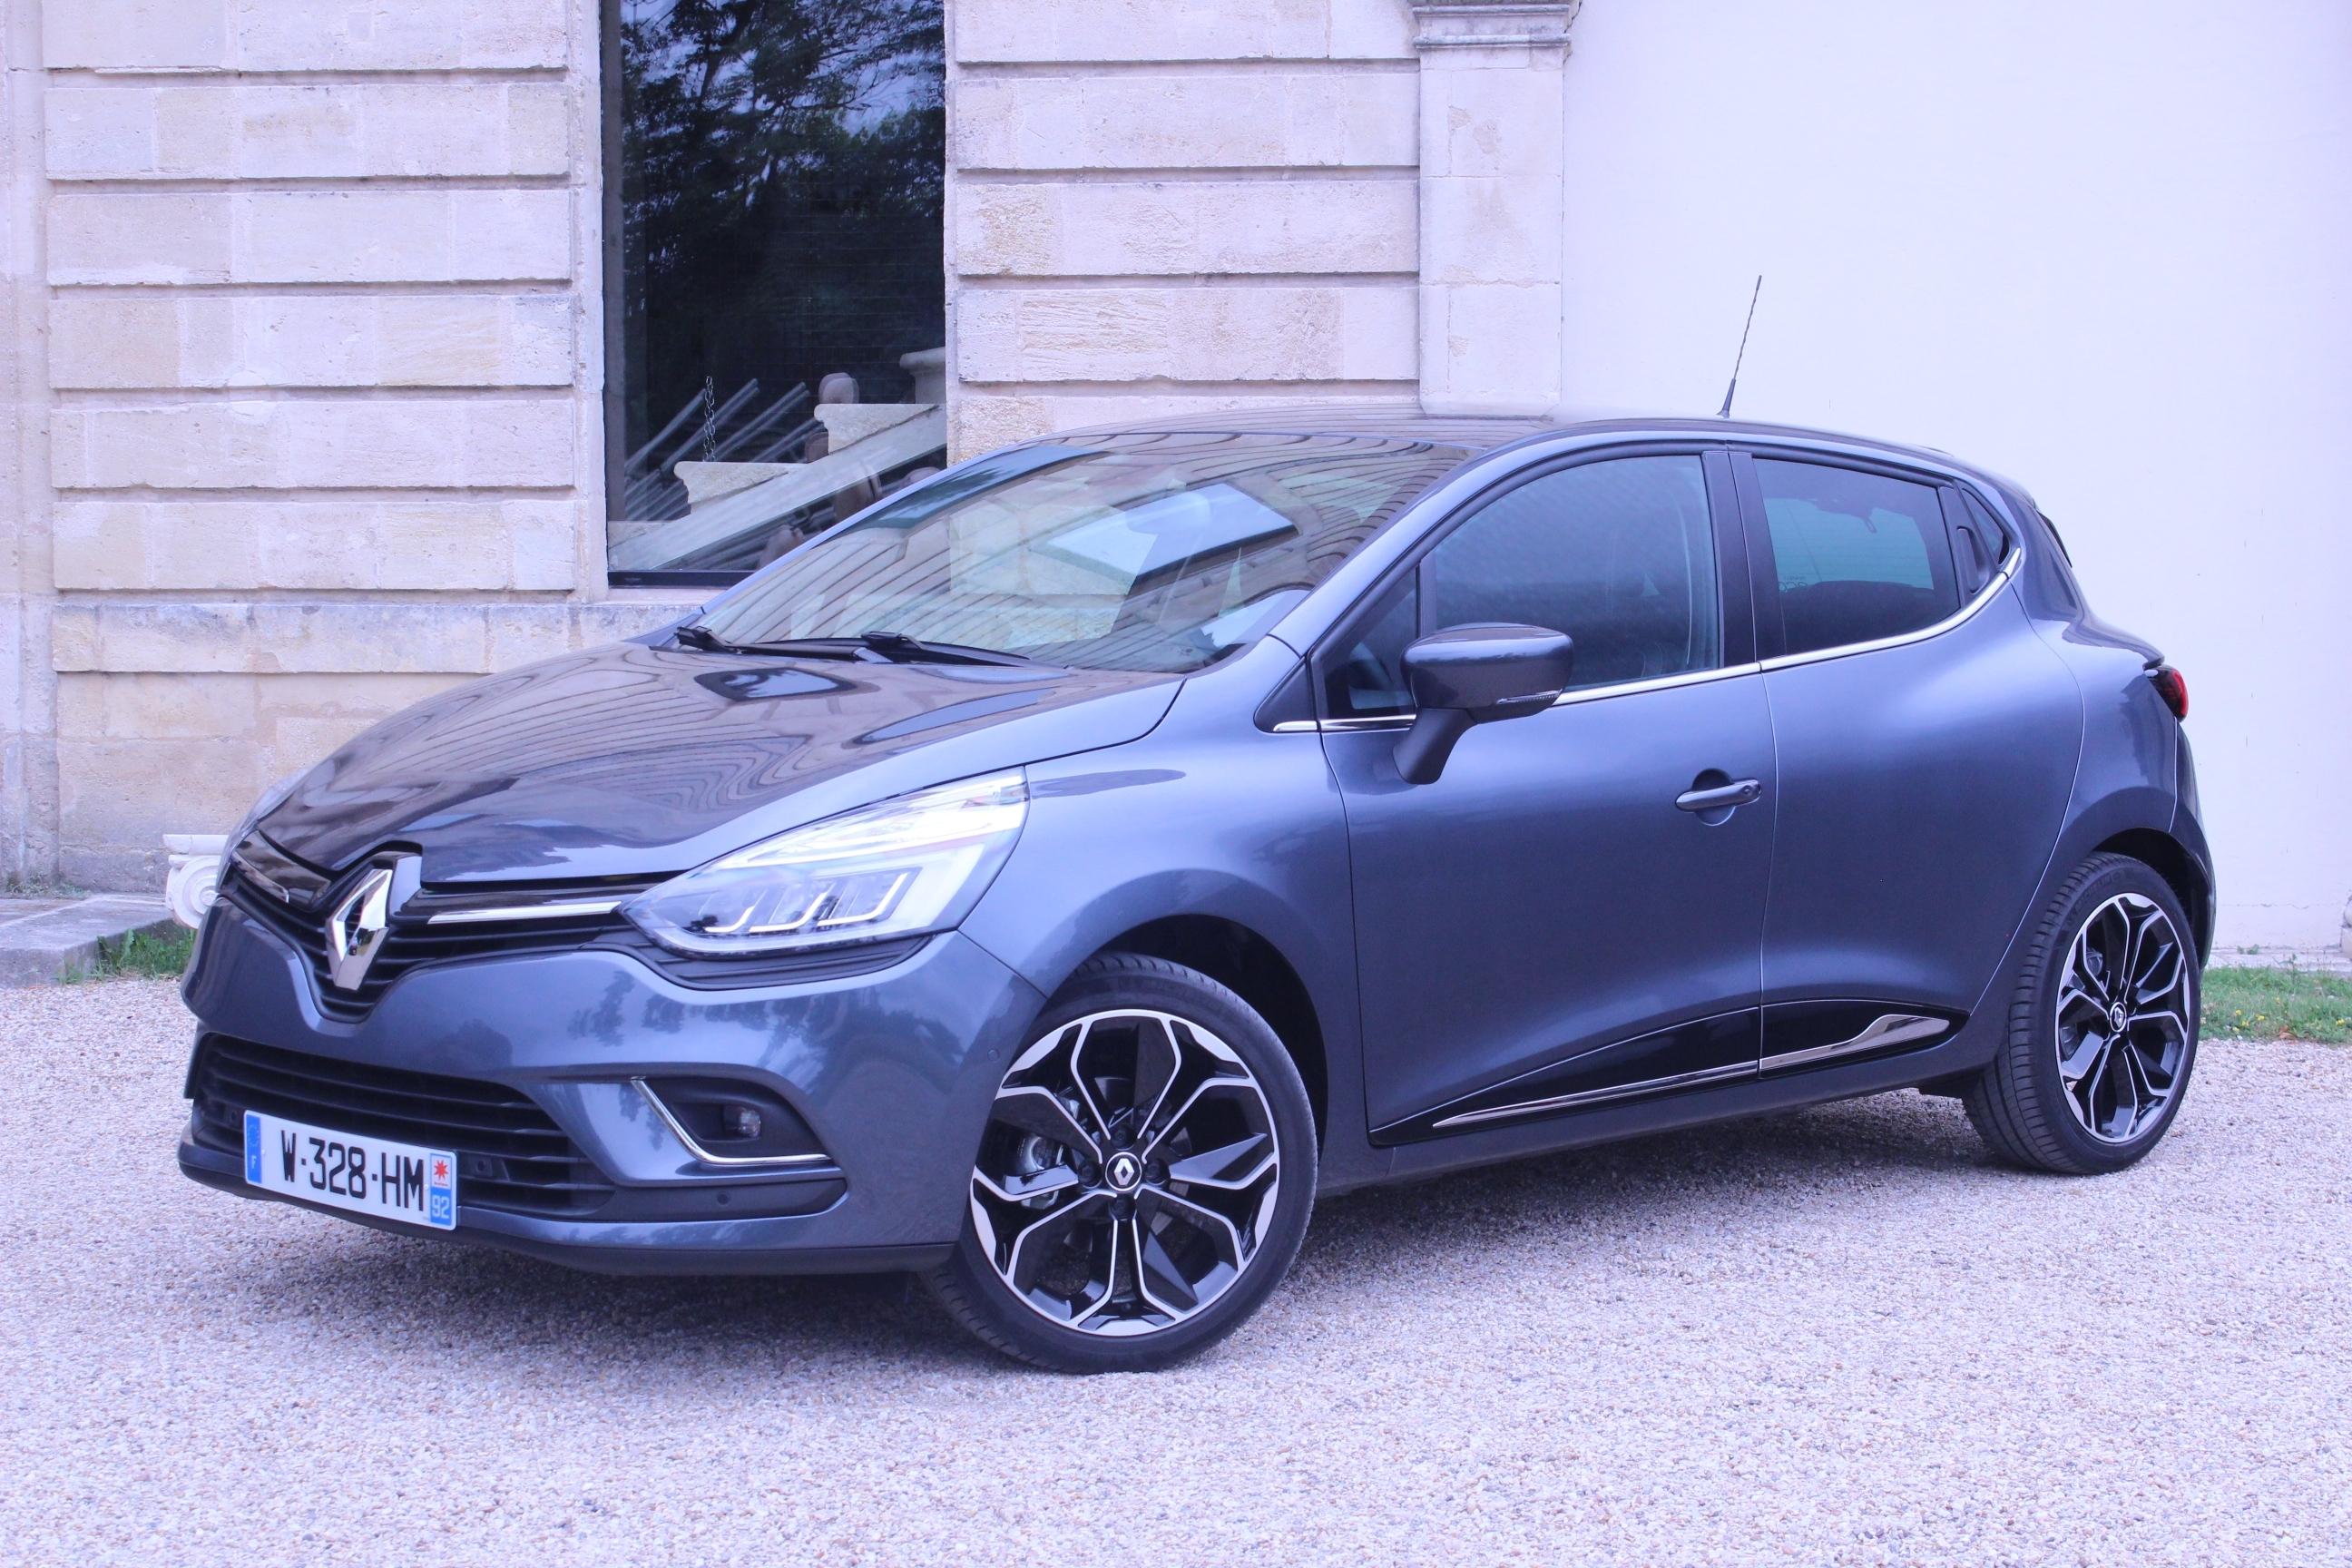 Renault Clio IV : 48 jours nous séparent Blog Automobile